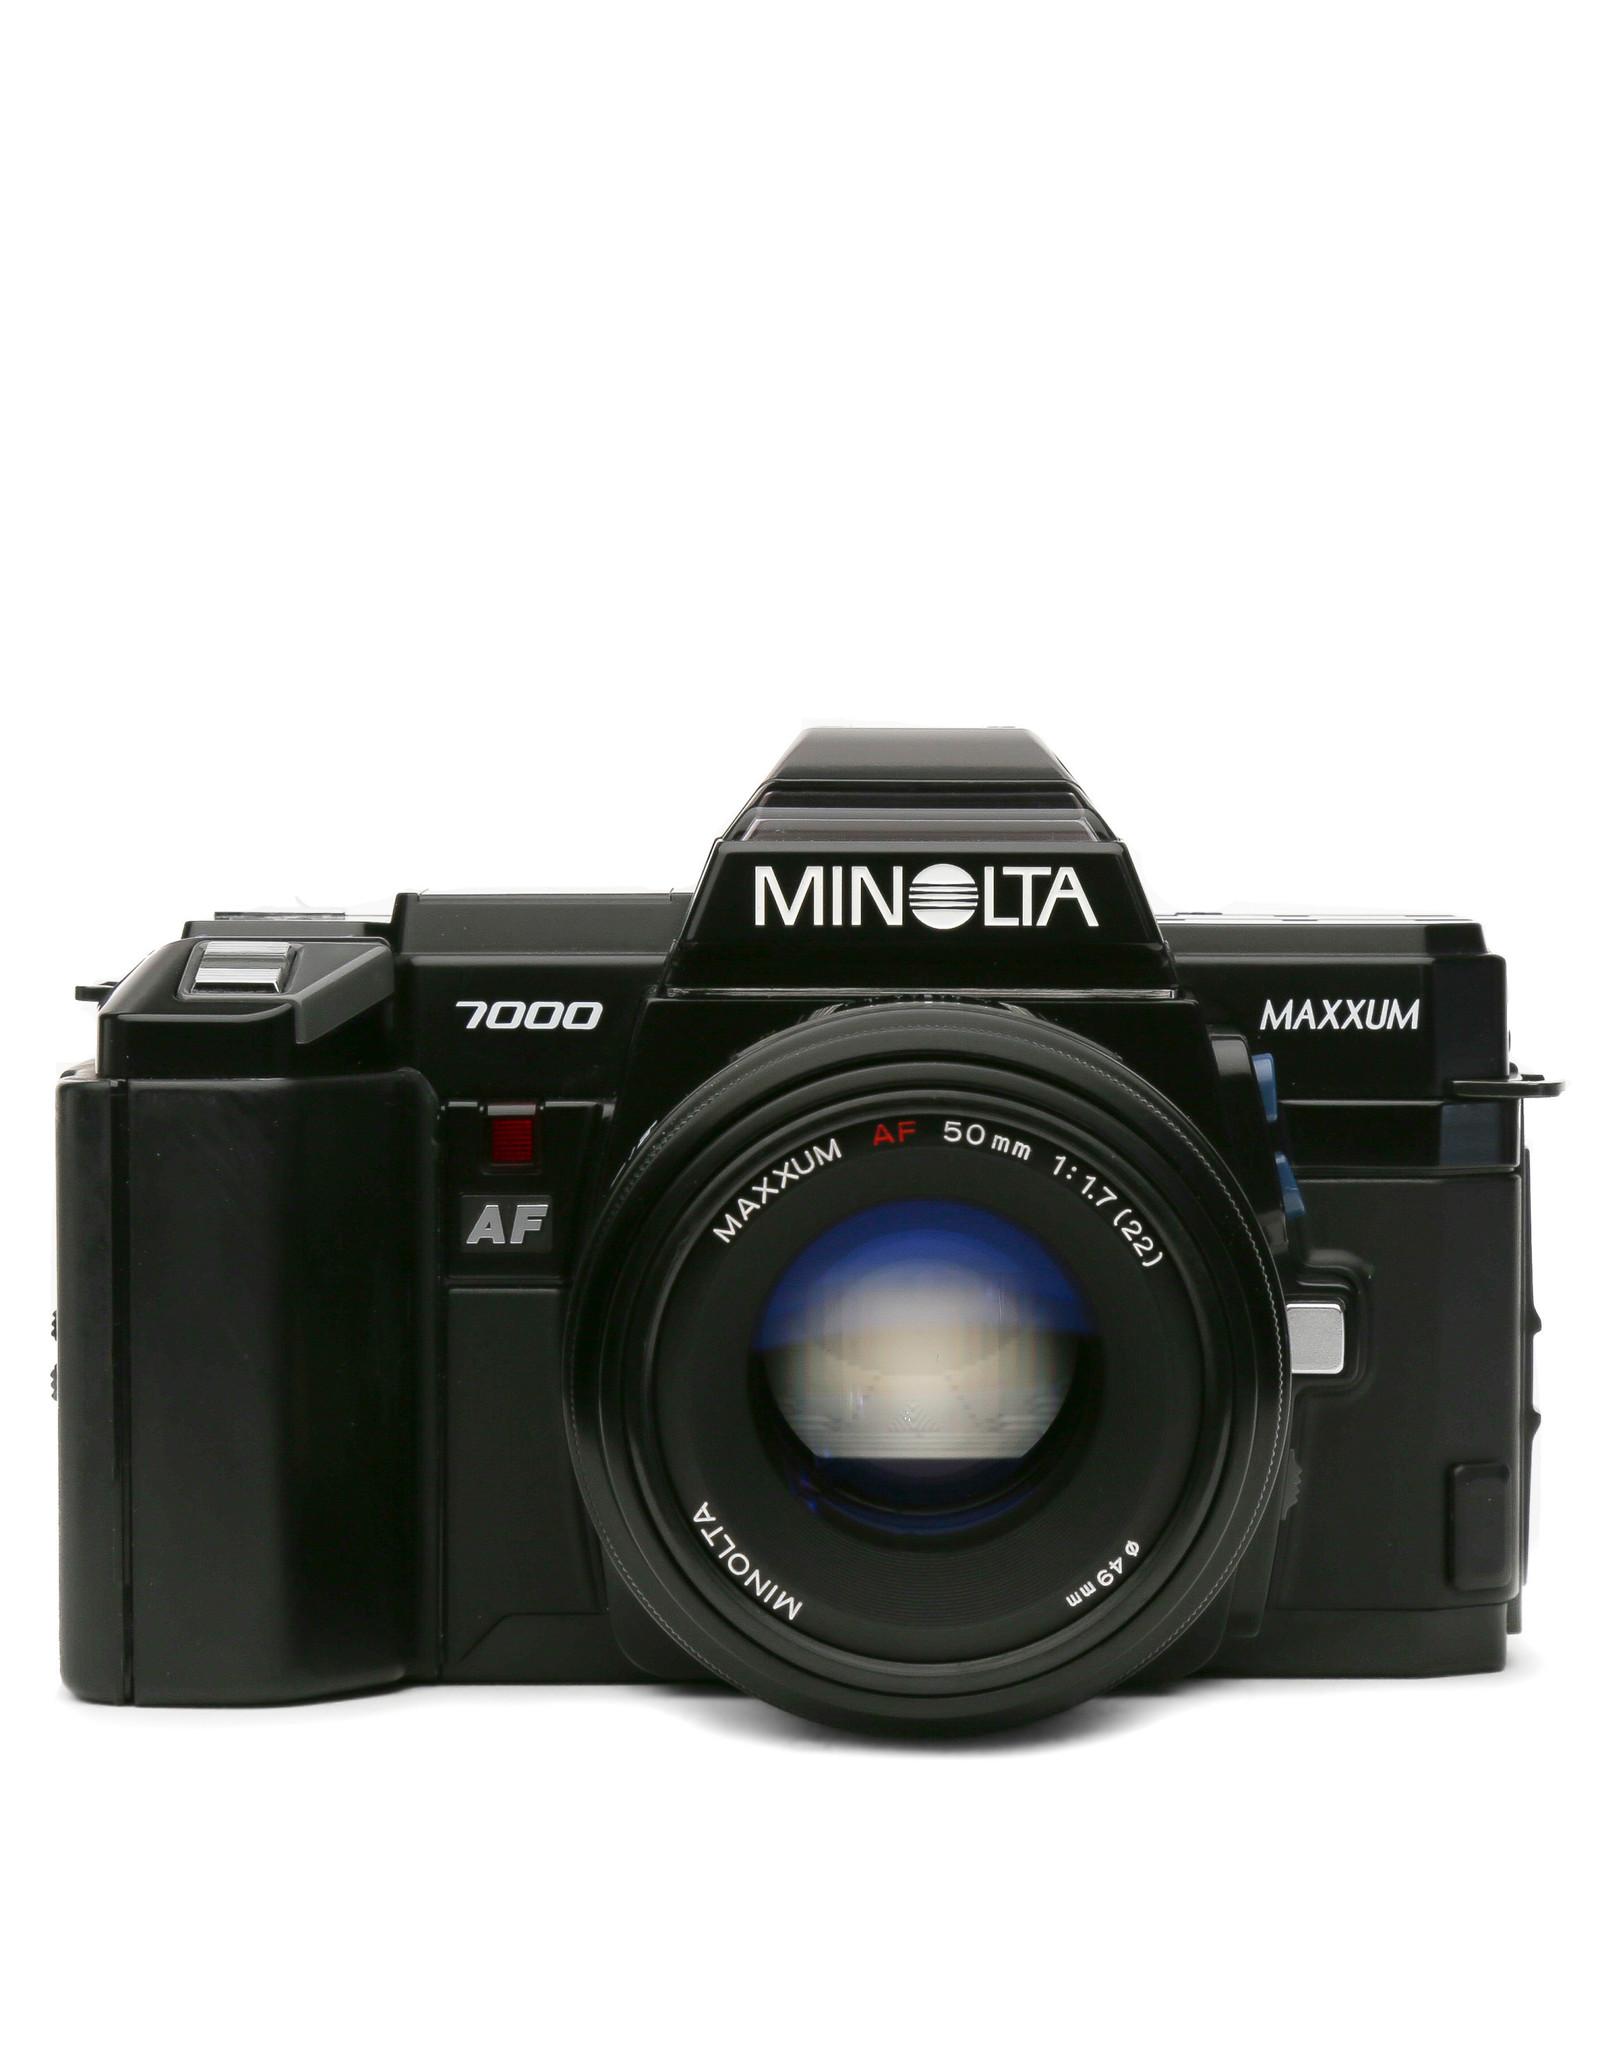 Minolta Minolta Maxxum 7000 35mm SLR